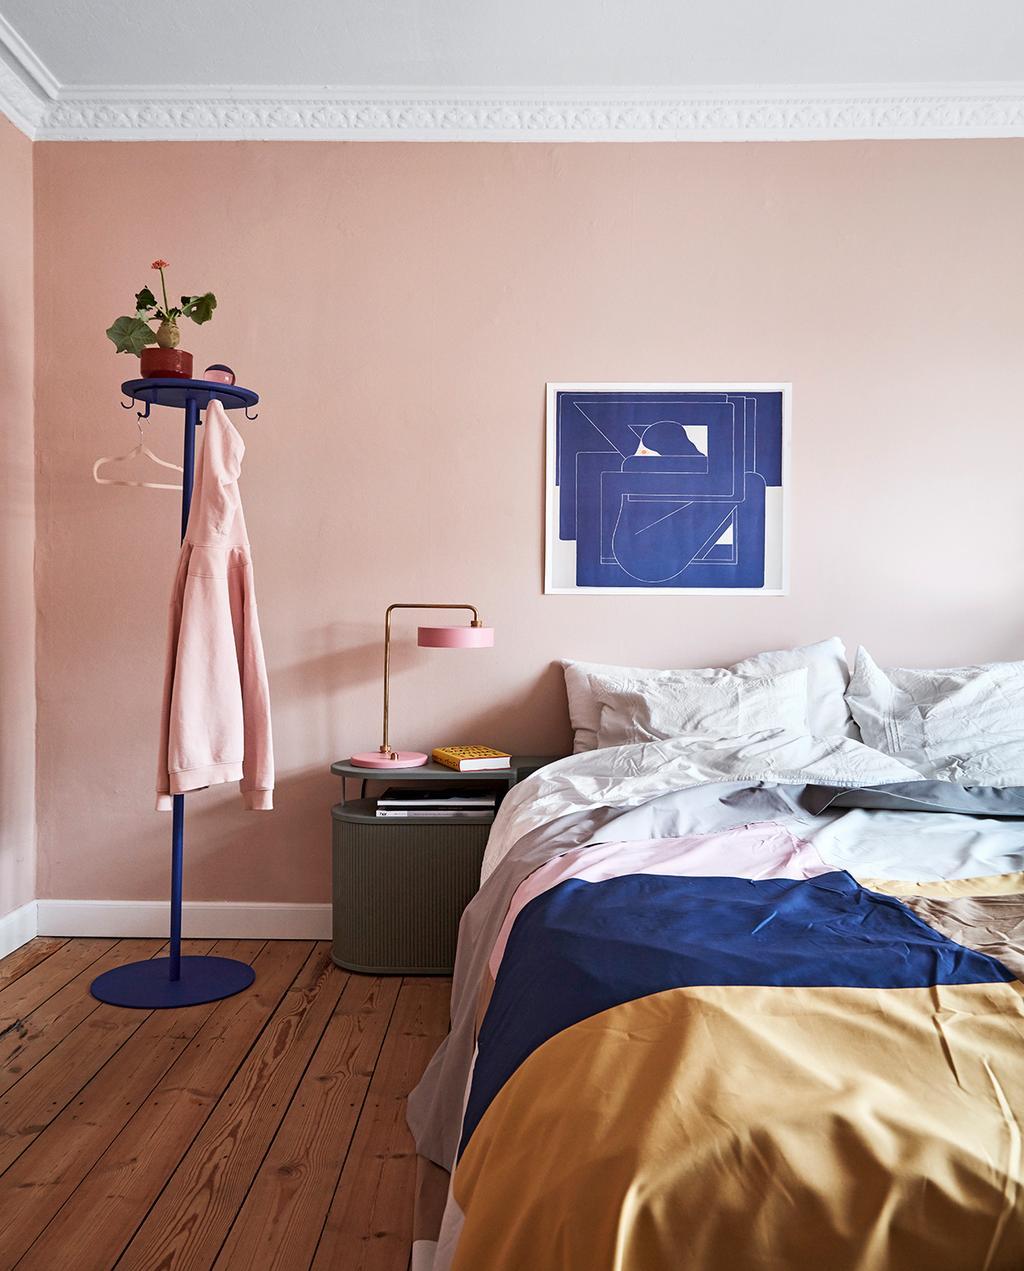 vtwonen 02-2021 | slaapkamer met kleurrijk interieur bed met roze wand en roze vest